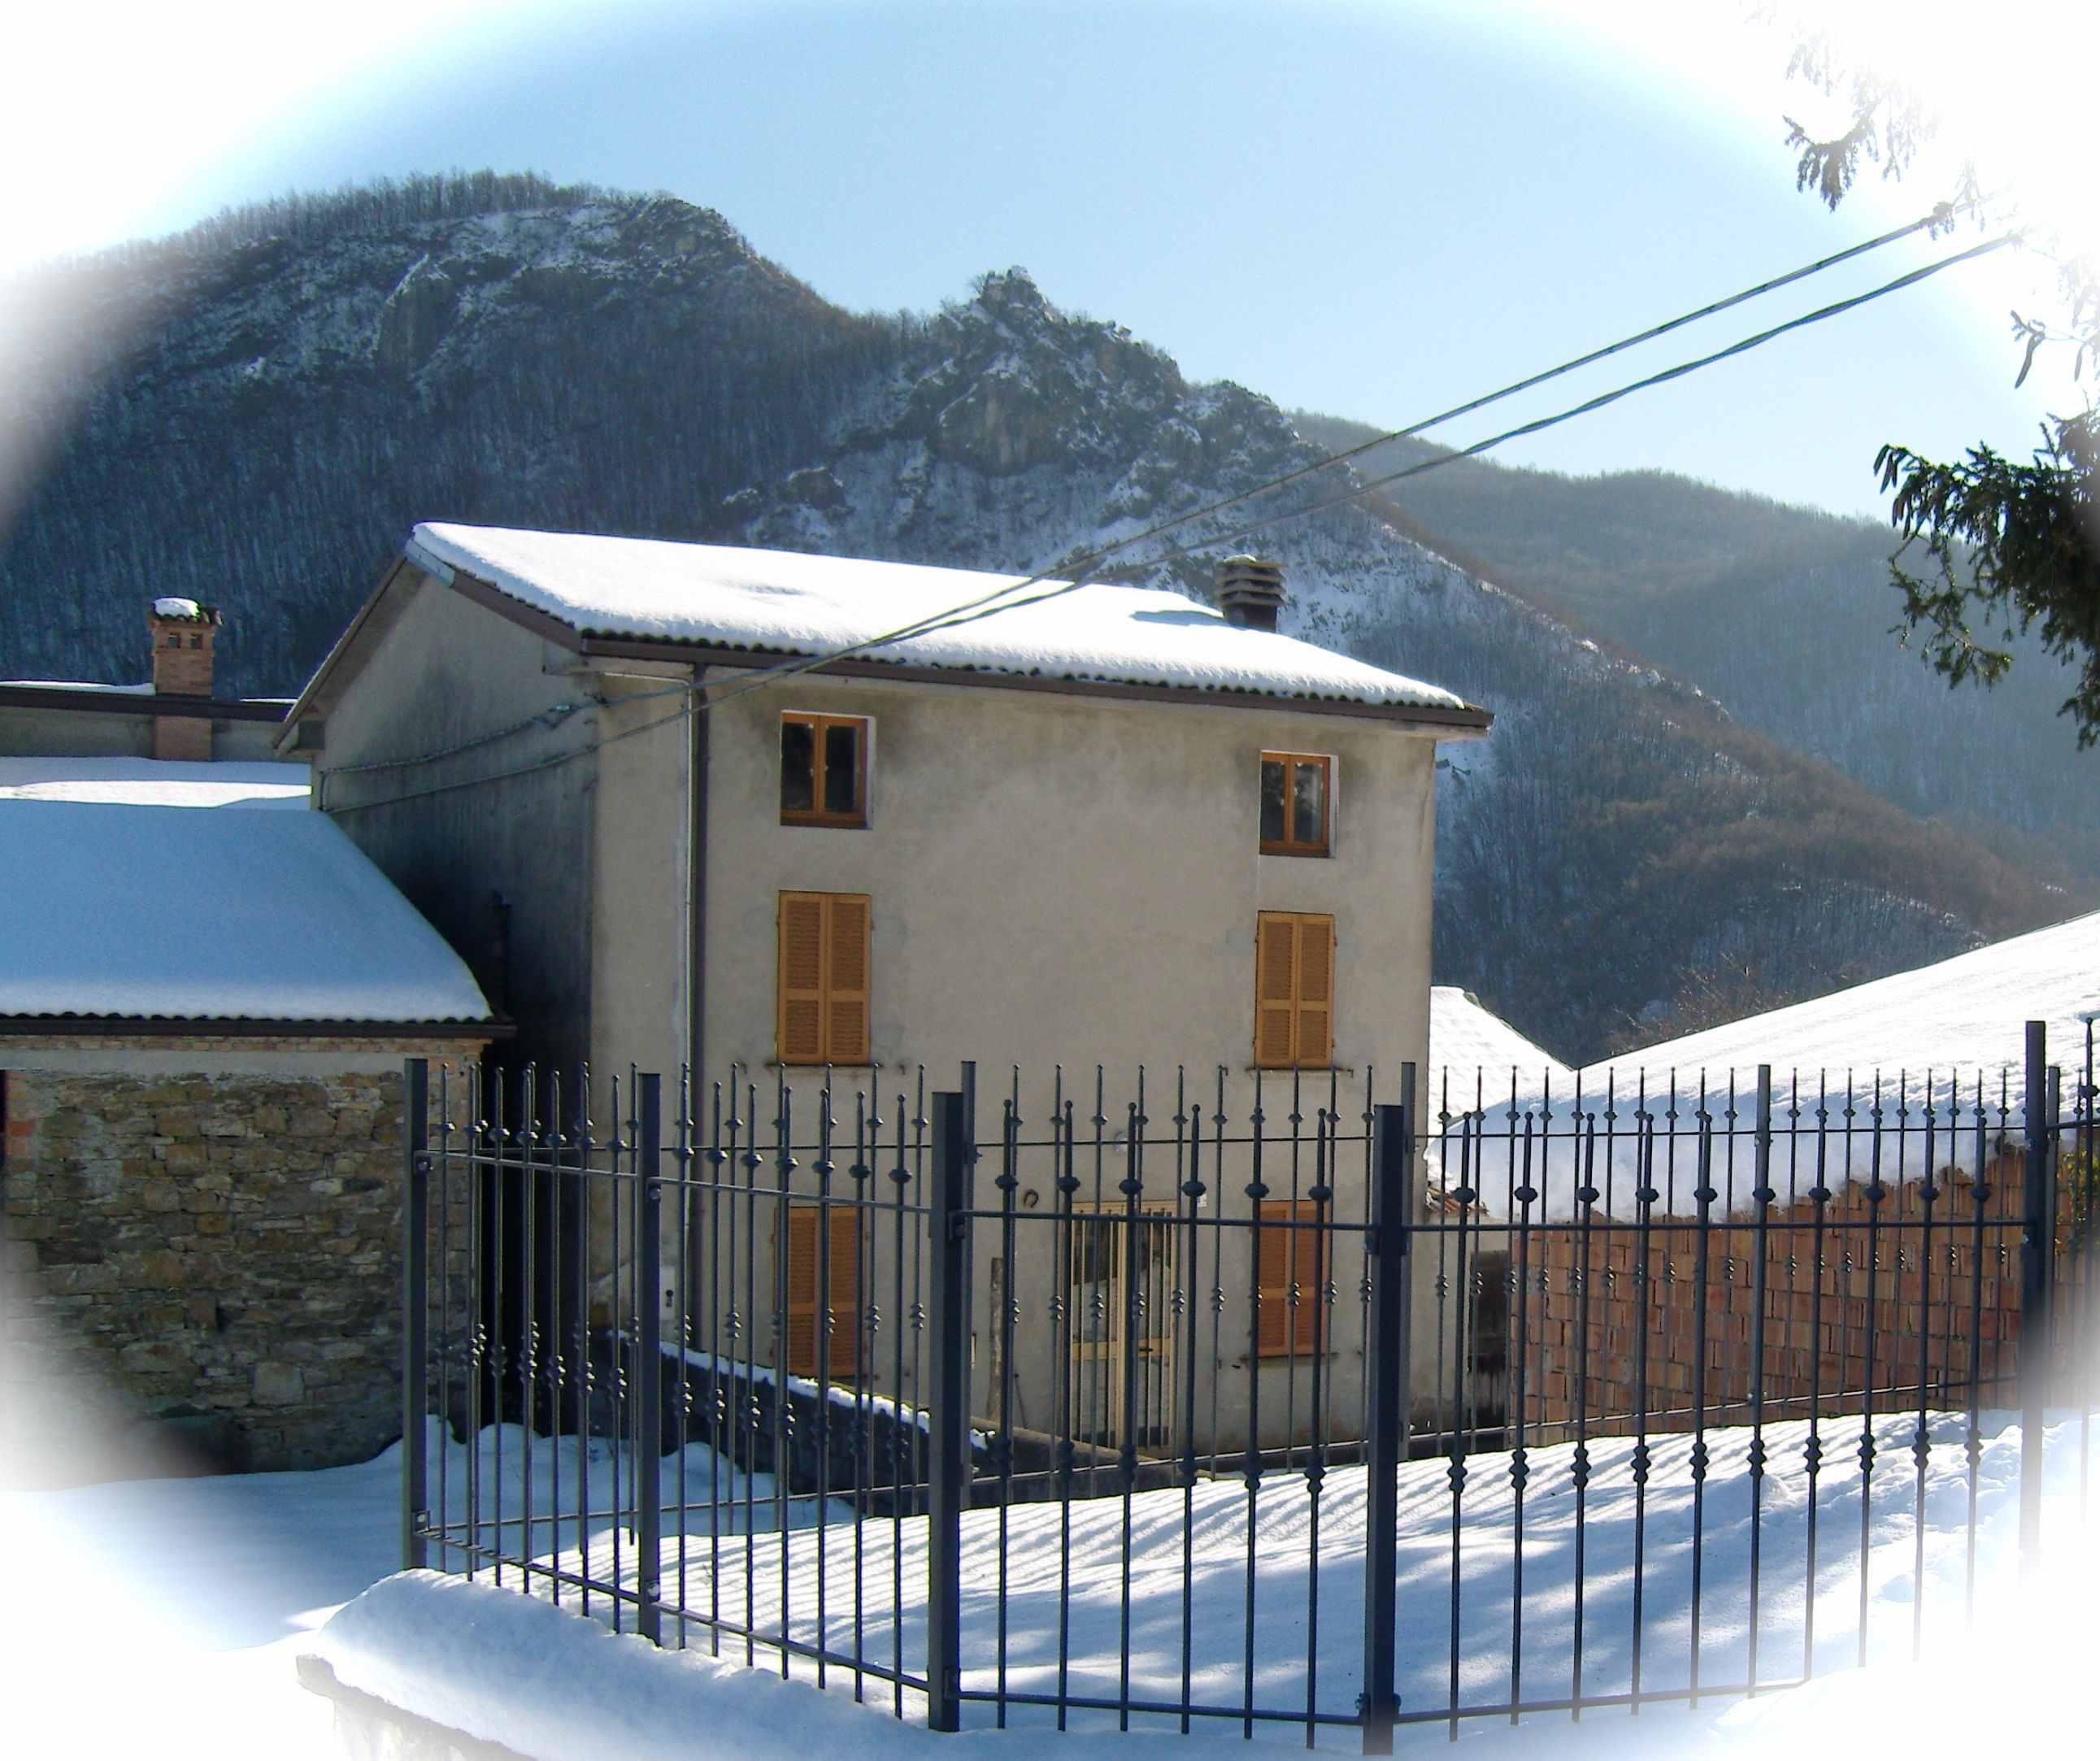 Morfasso alta valdarda vende case di sasso da for Ristrutturare case antiche